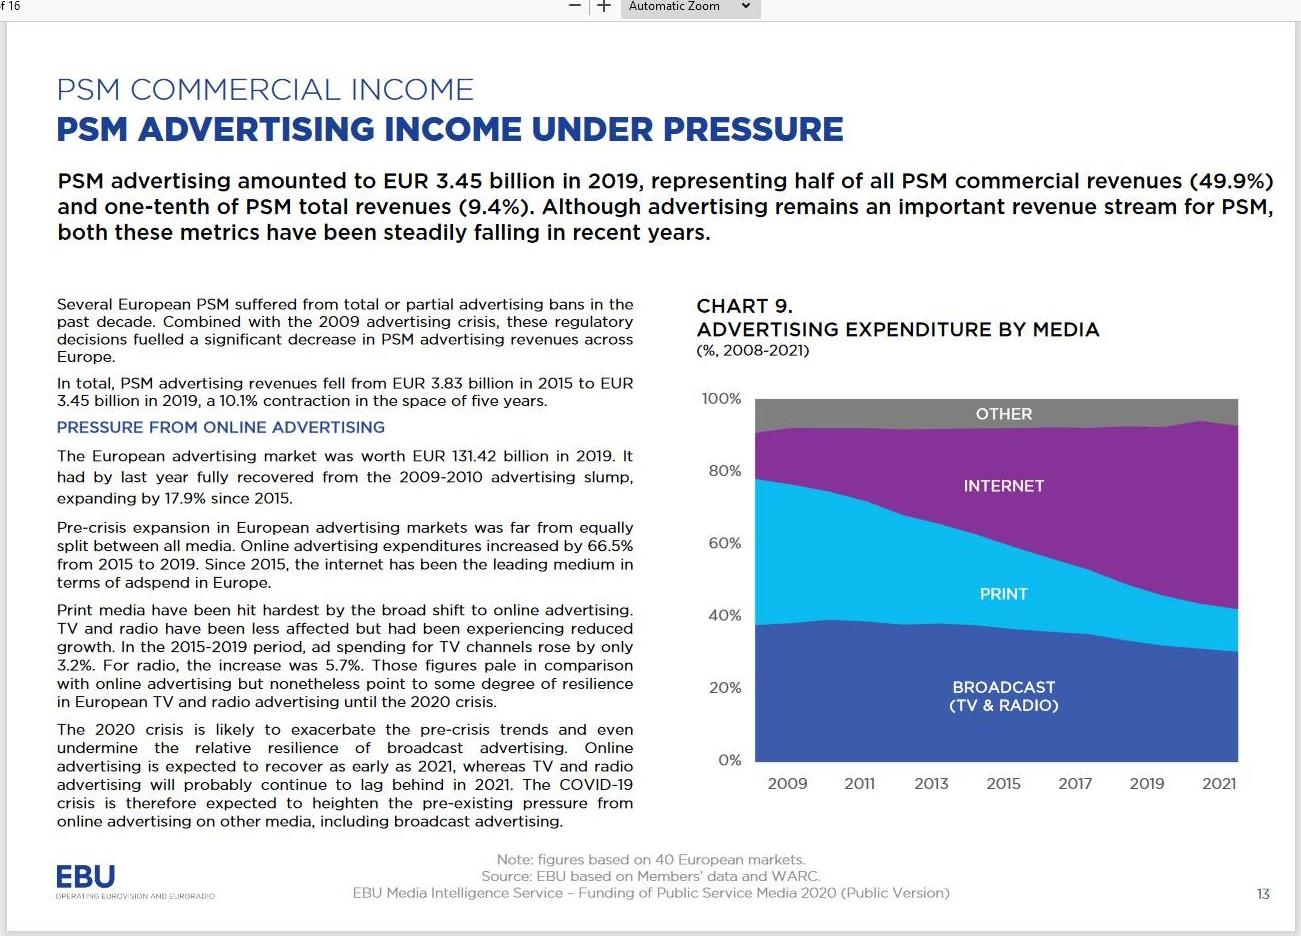 Funding_of_PSM_2020_(Public)_-_EBU-MIS-Funding_of_PSM_2020_Public.pdf_-_2020-12-16_11.30.17